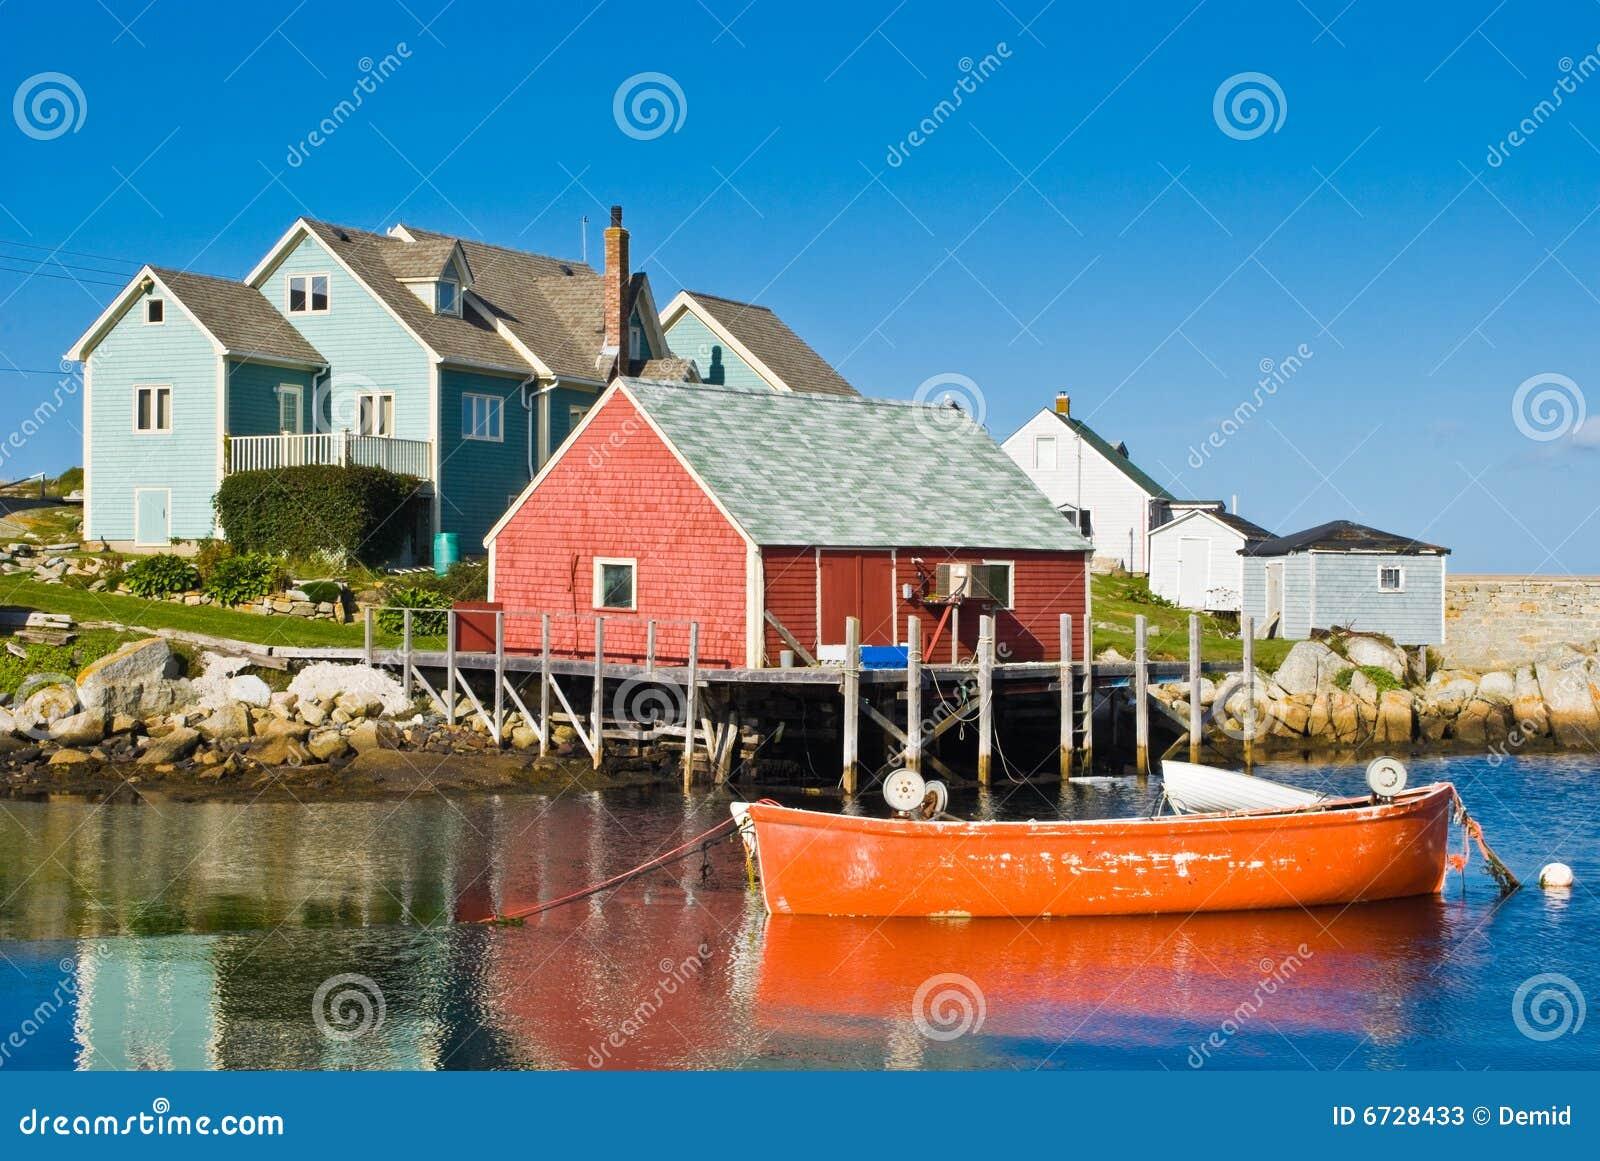 Casa e barcos do pescador.